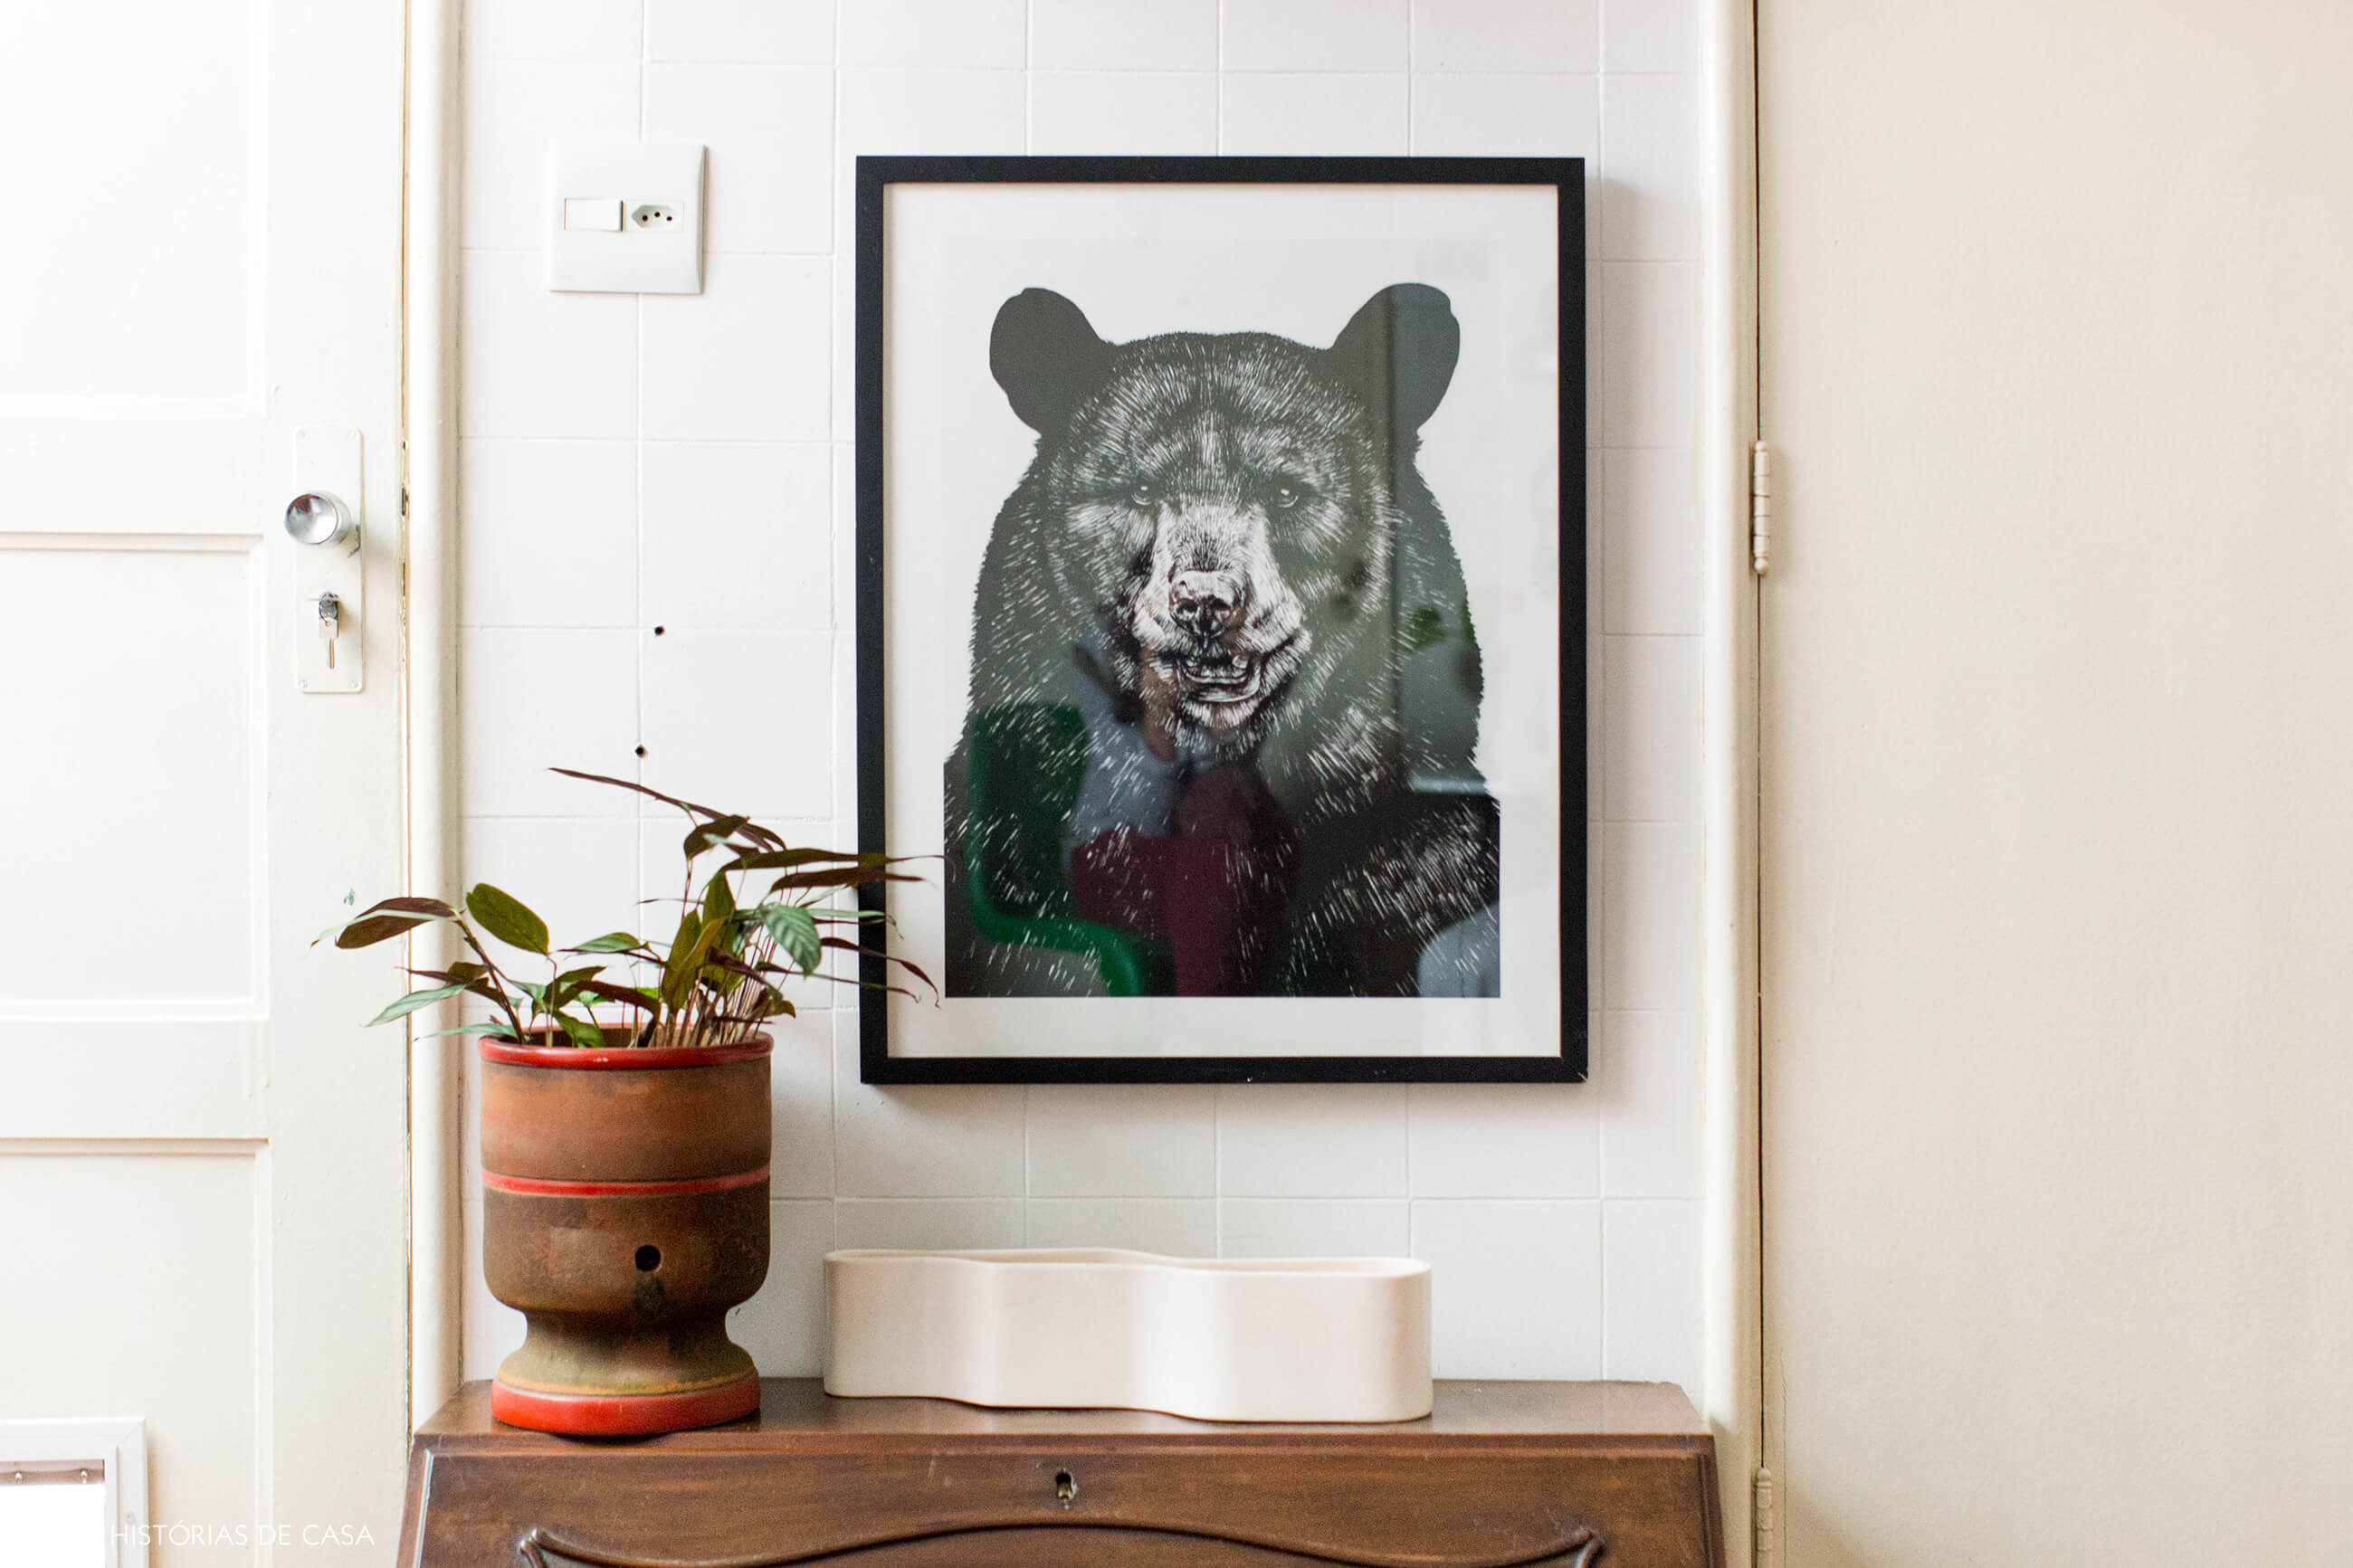 Cozinha com quadro de urso e filtro de barro